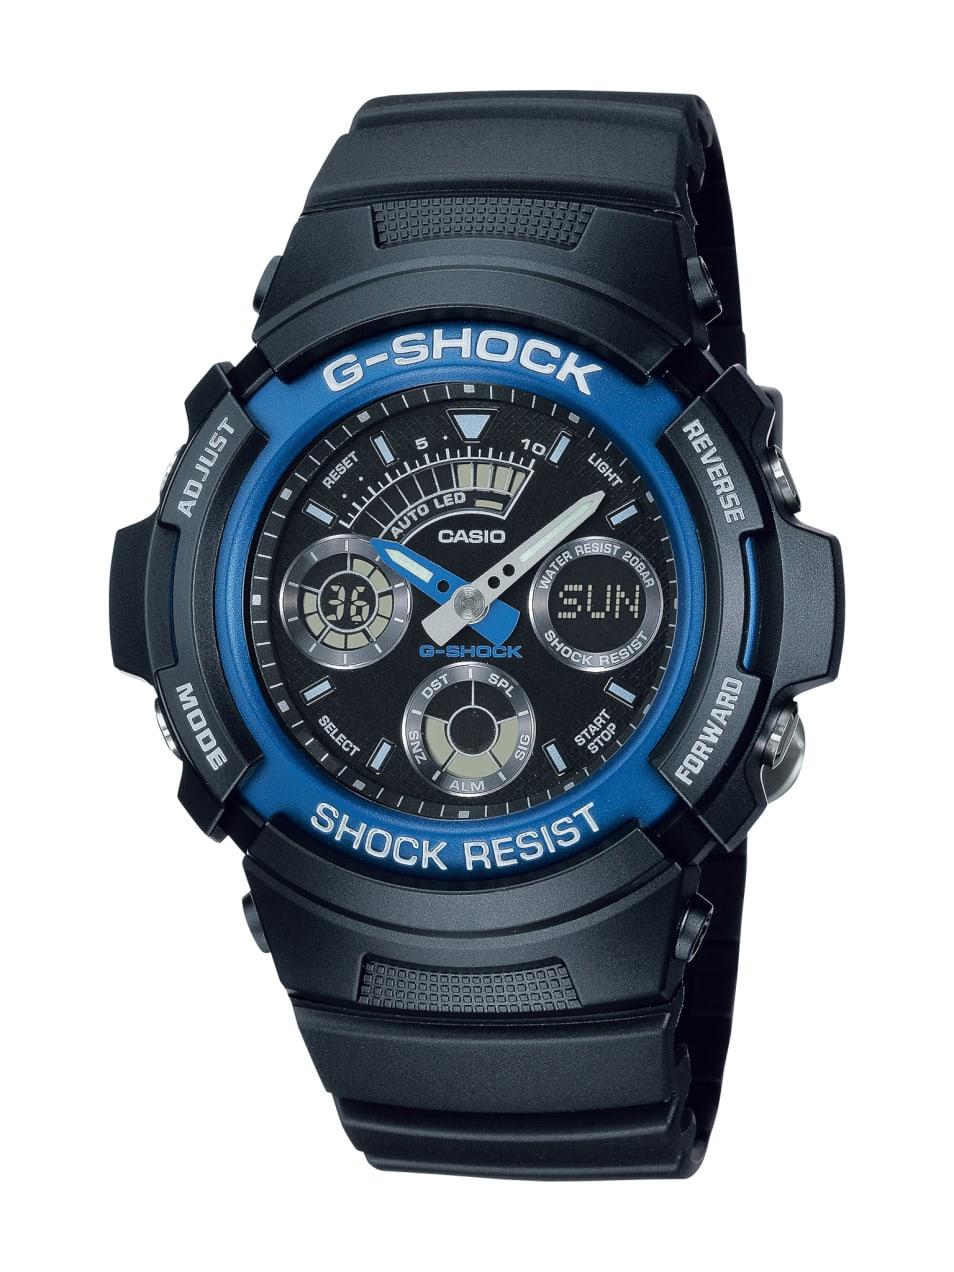 G-SHOCK AW-591-2AJF